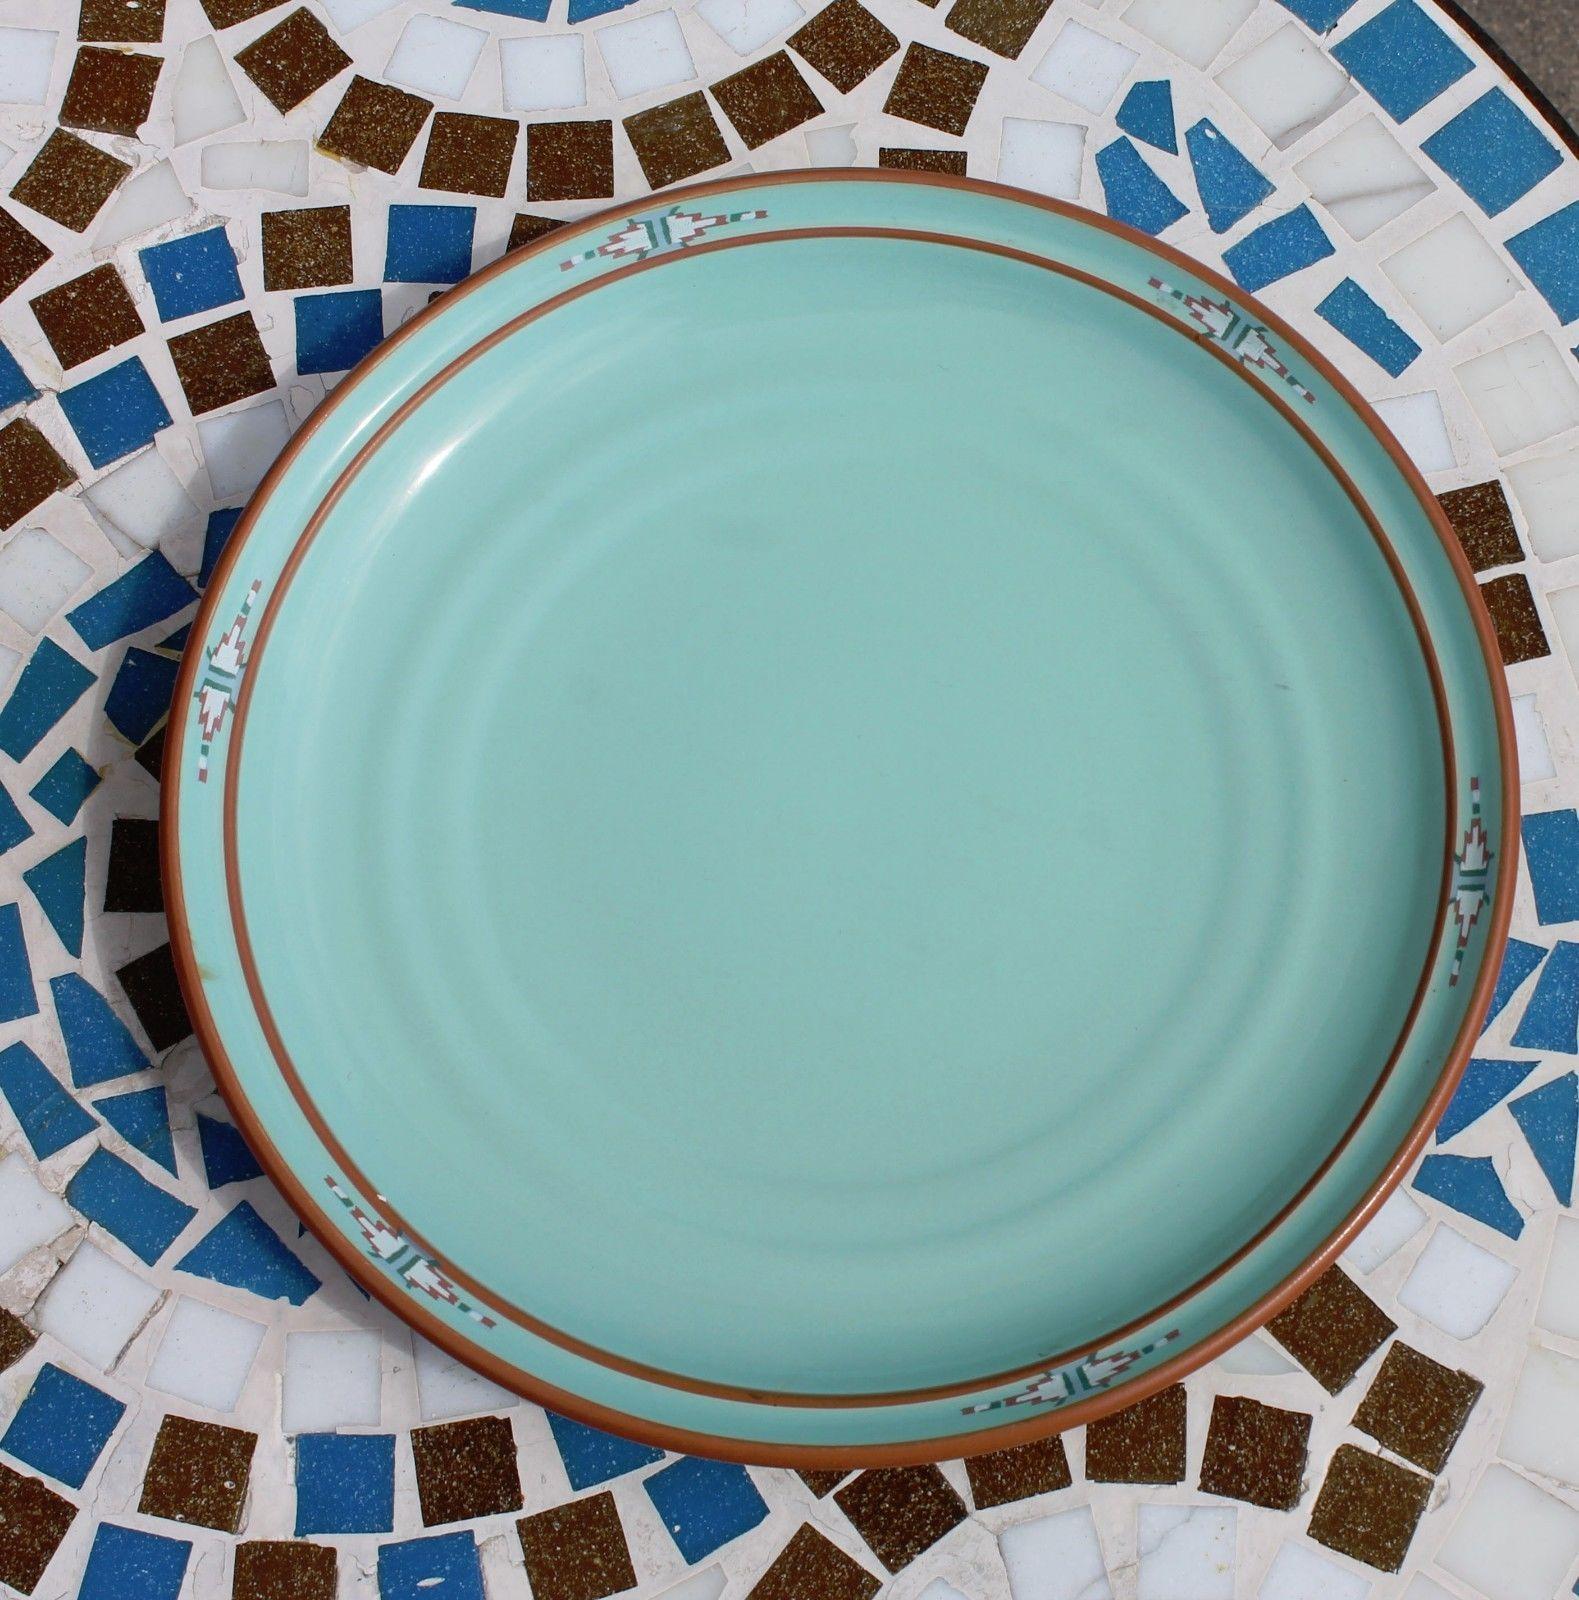 Noritake Stoneware Japan Dinner Plate & Cereal Soup Bowl Boulder Ridge Turquoise image 5